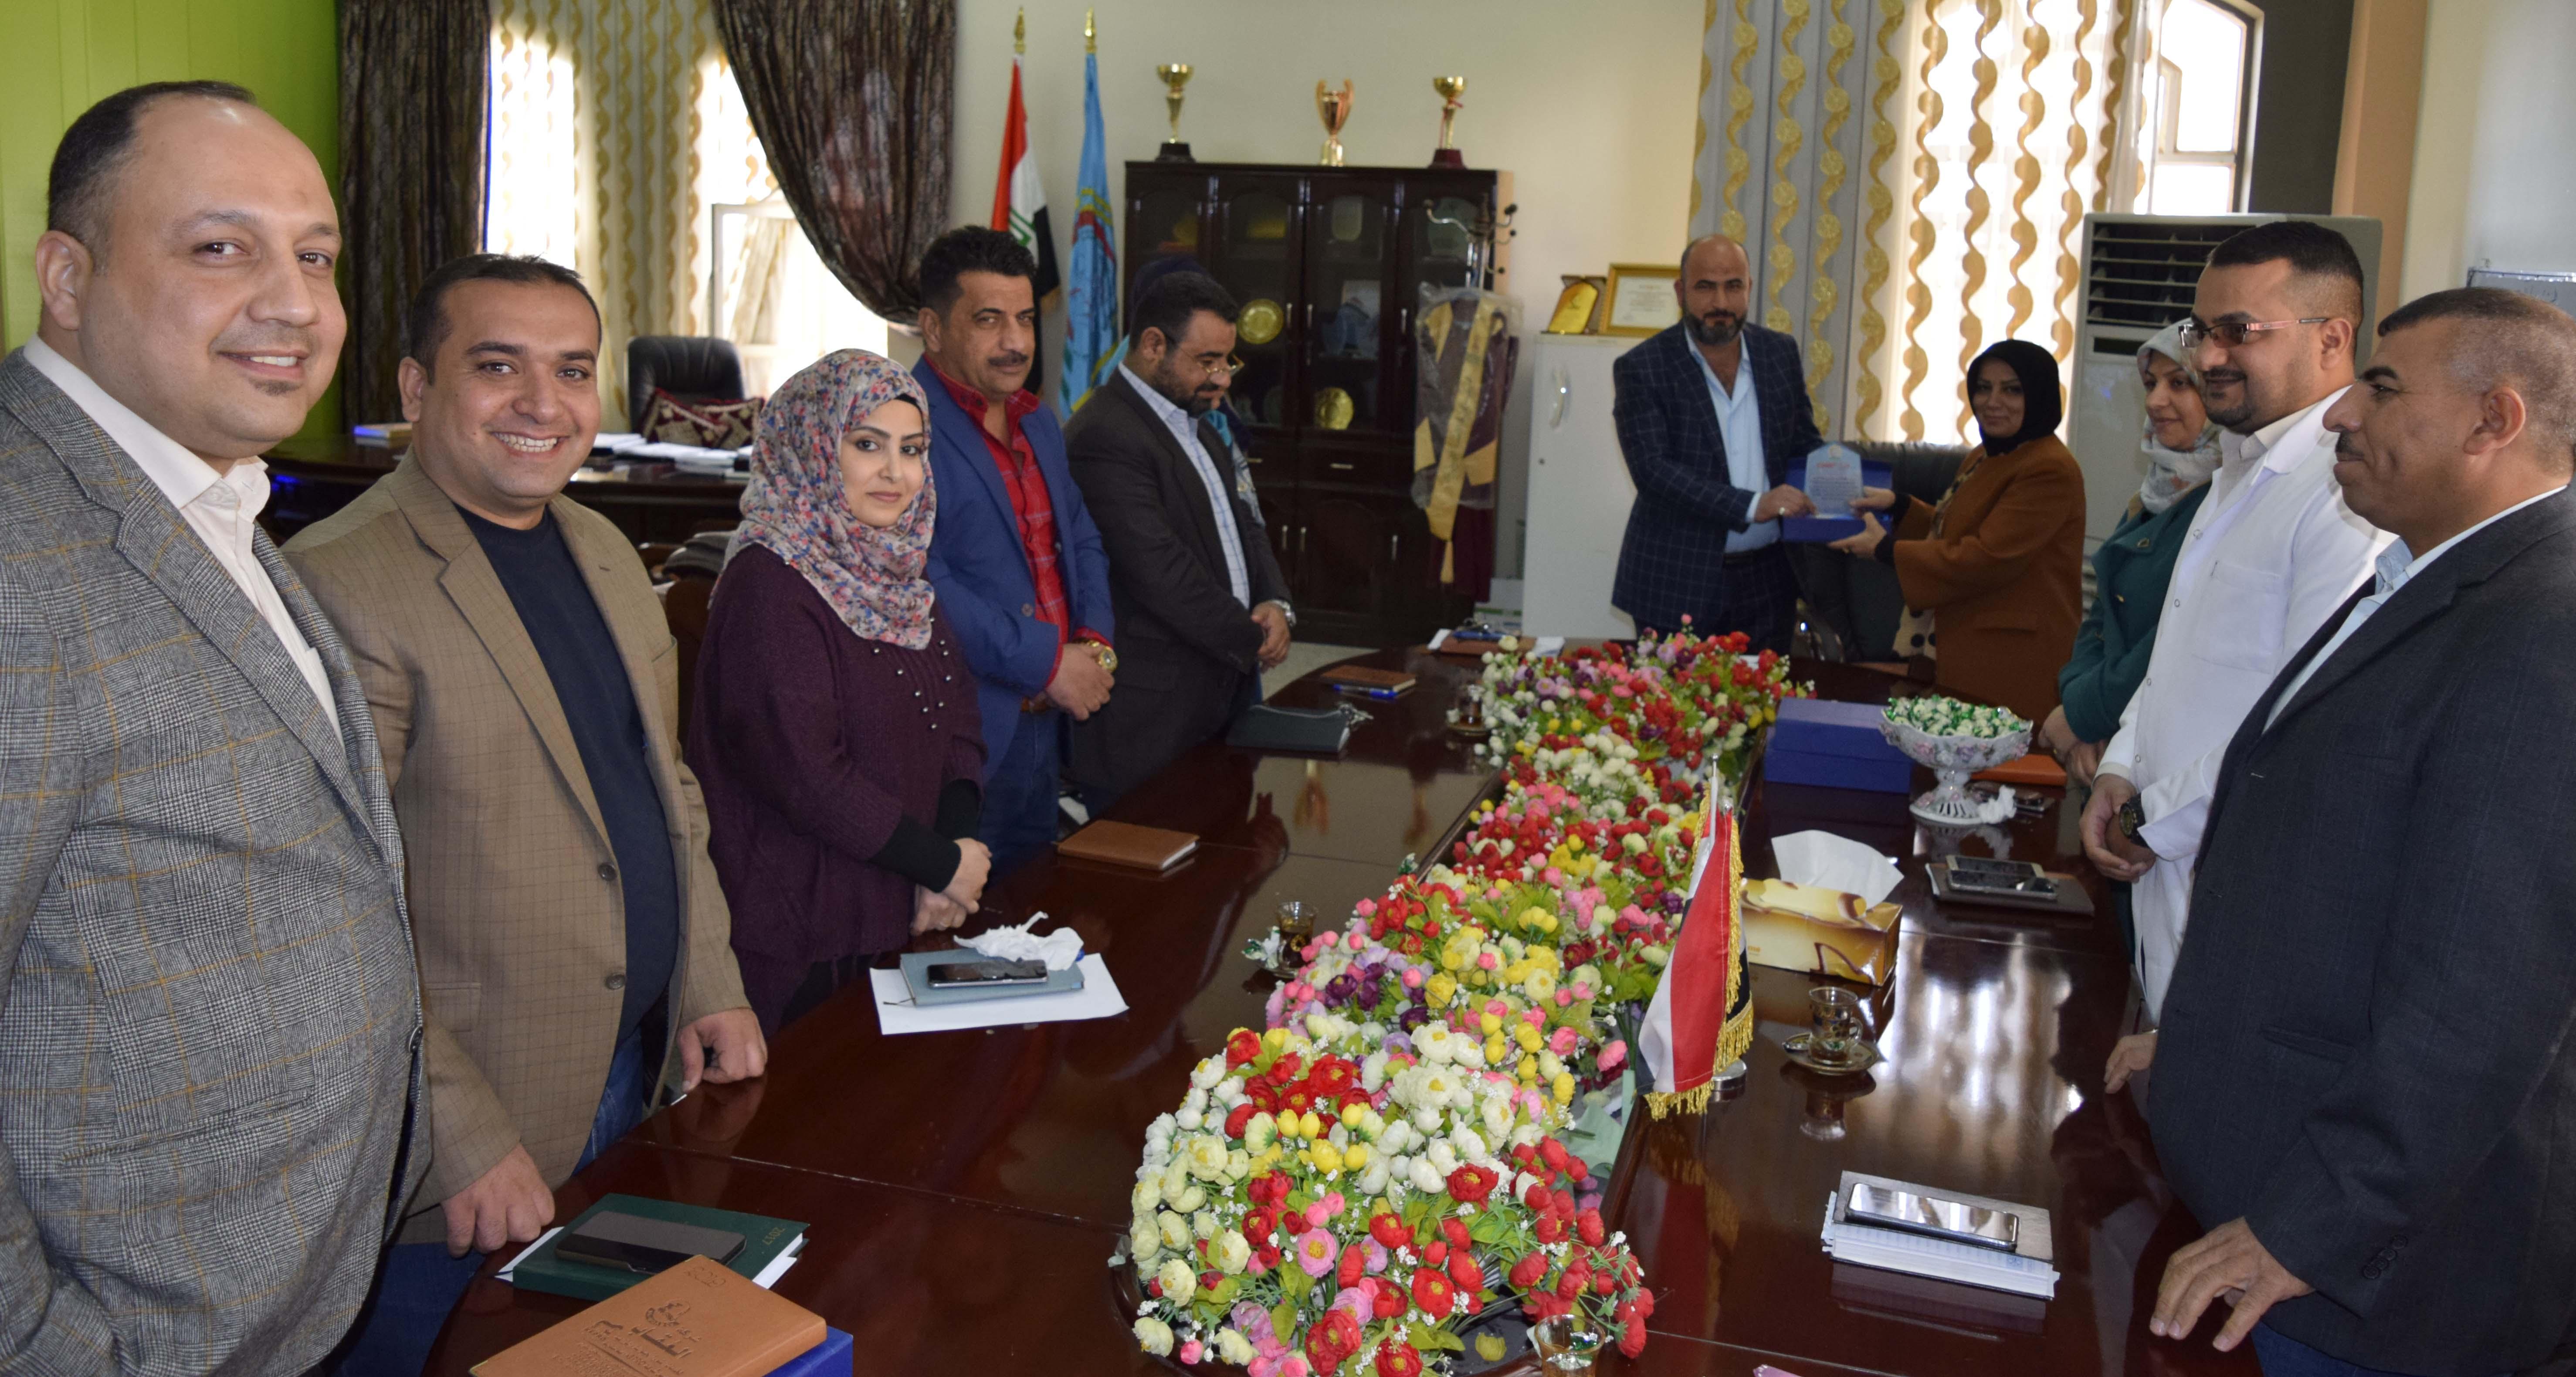 جانب من تكريم السيدة عميد كلية الطب البيطري الاستاذ الدكتورة وفاق البازي للسادة التدريسيين بمناسبة حصولهم على ترقية علمية